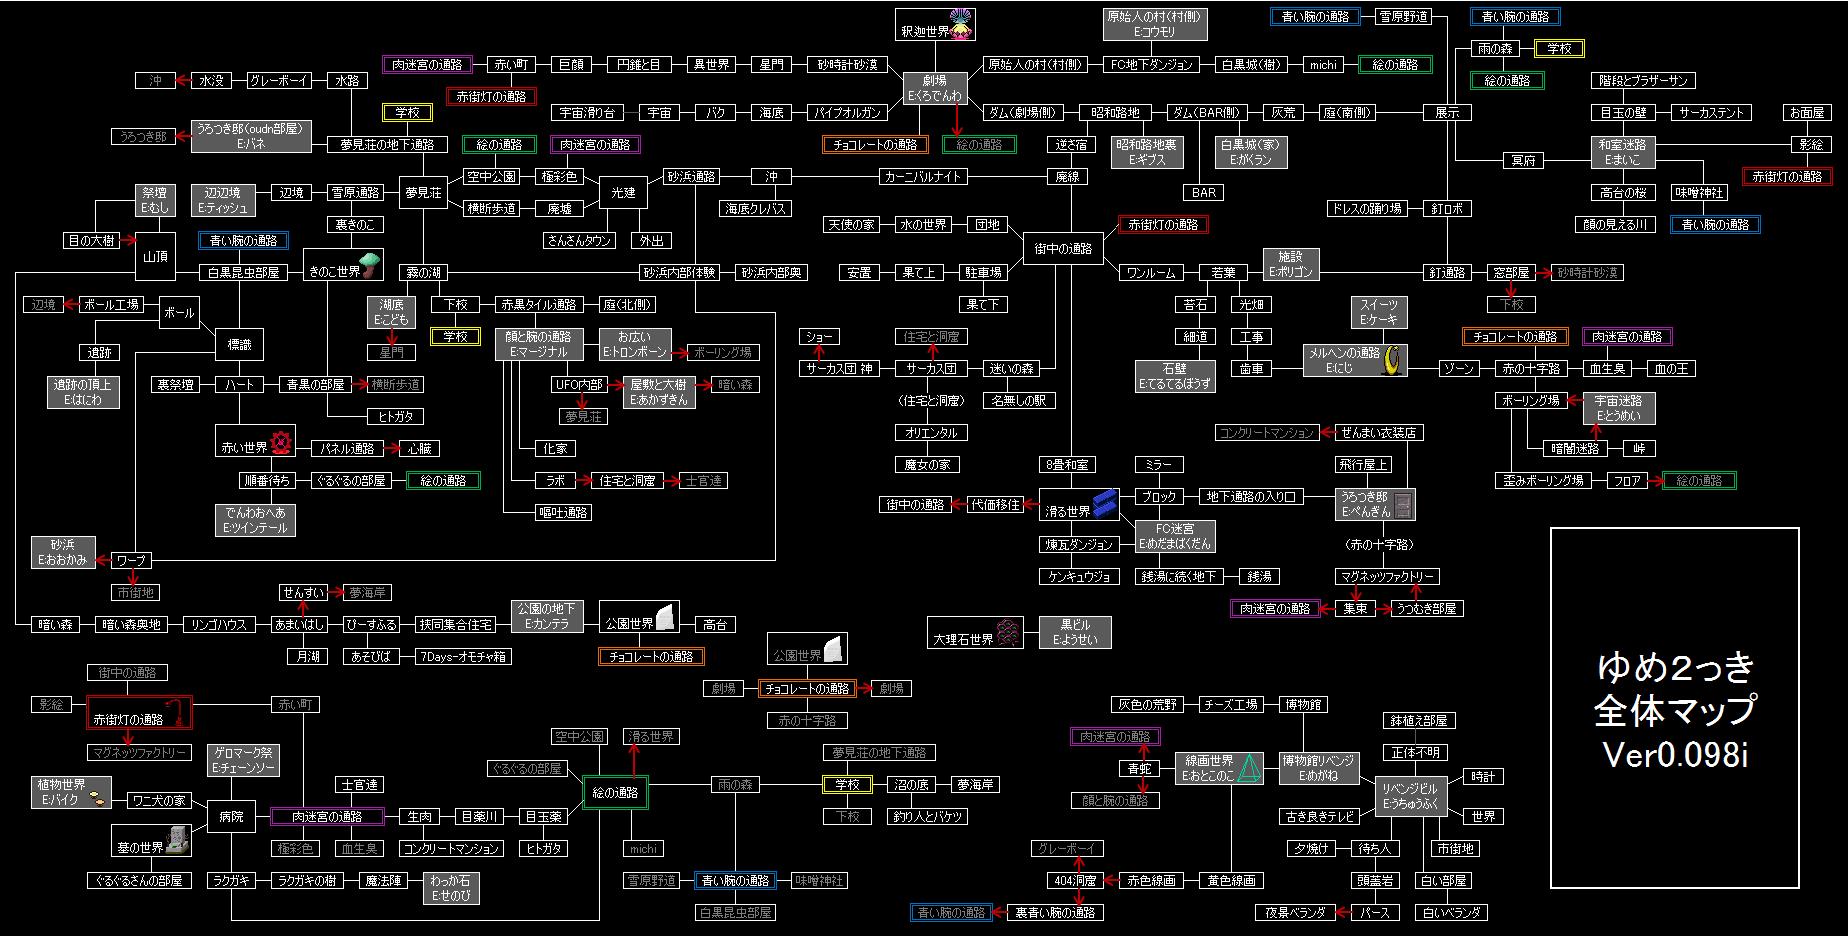 yume2kki_map_ver0098i.png